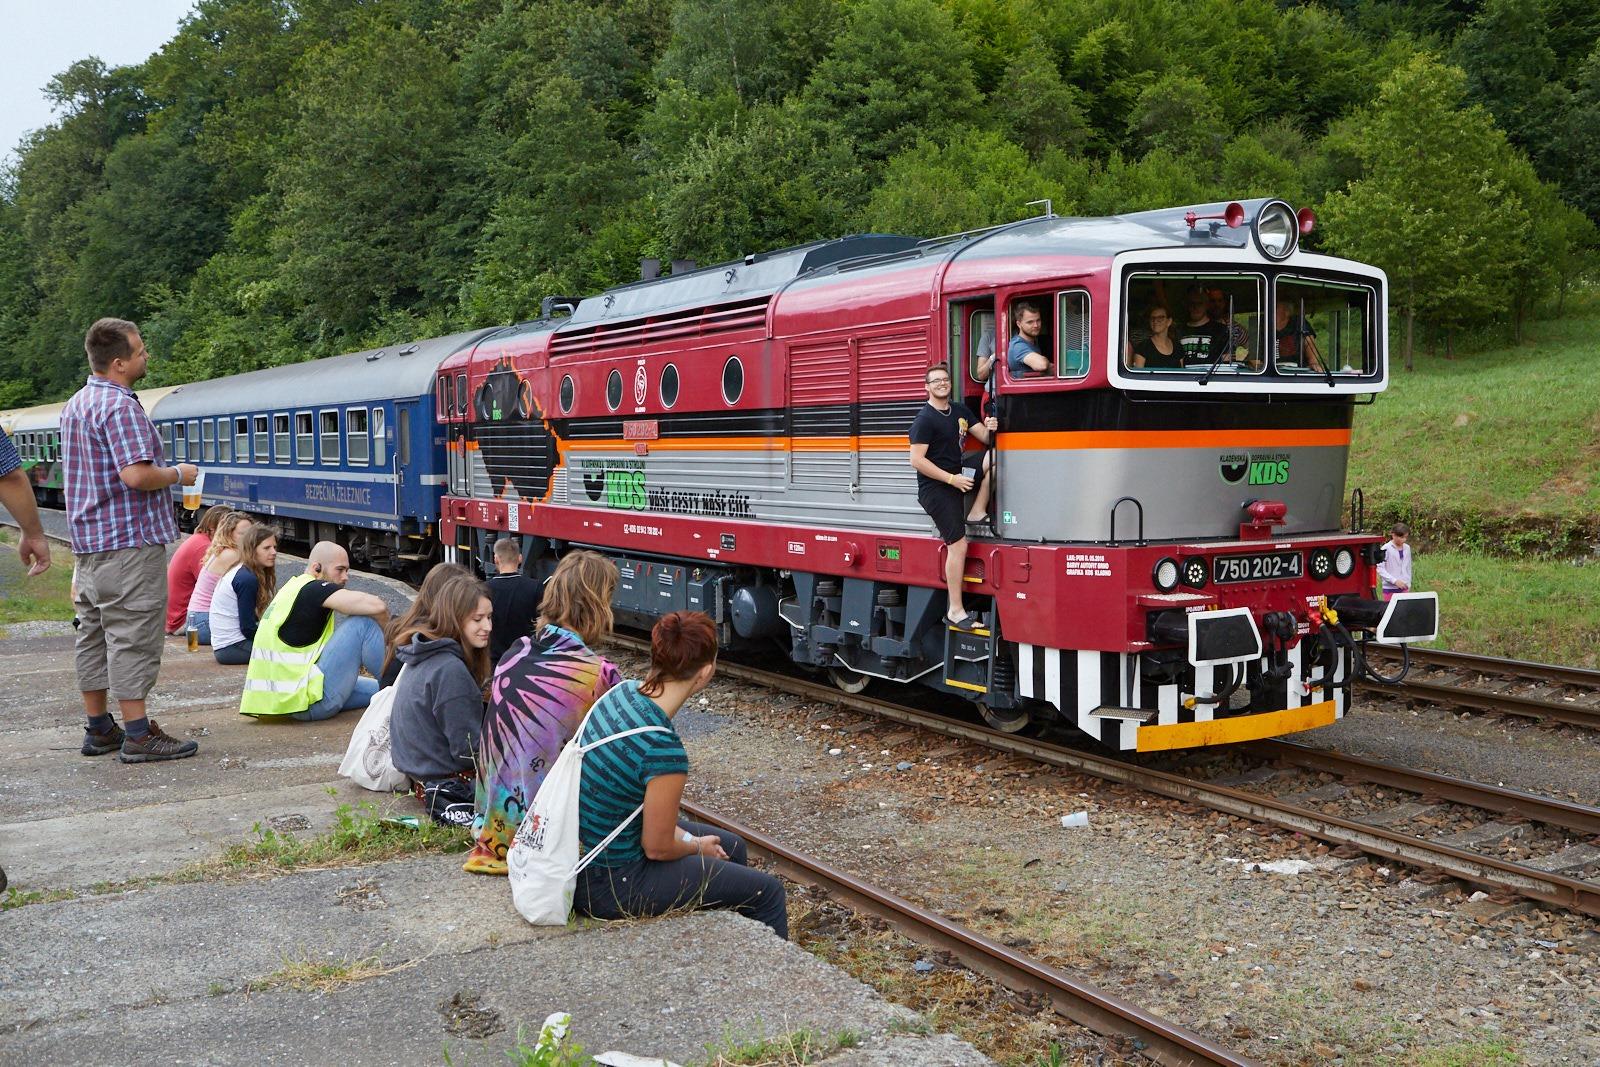 cestovatelsky vlakotabor vlakfest